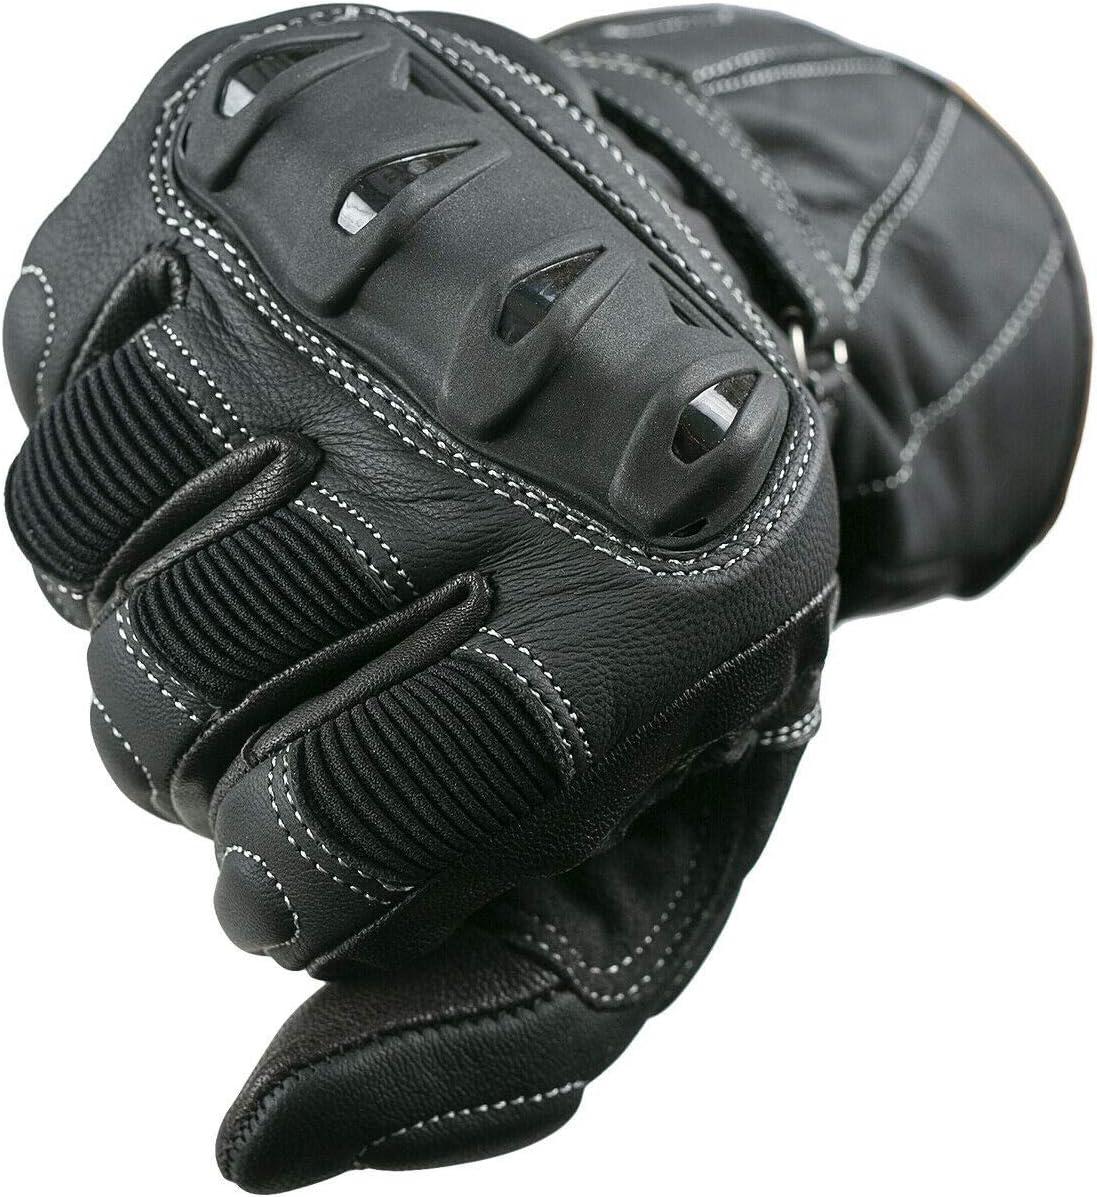 Polaris Leather Touring Gloves